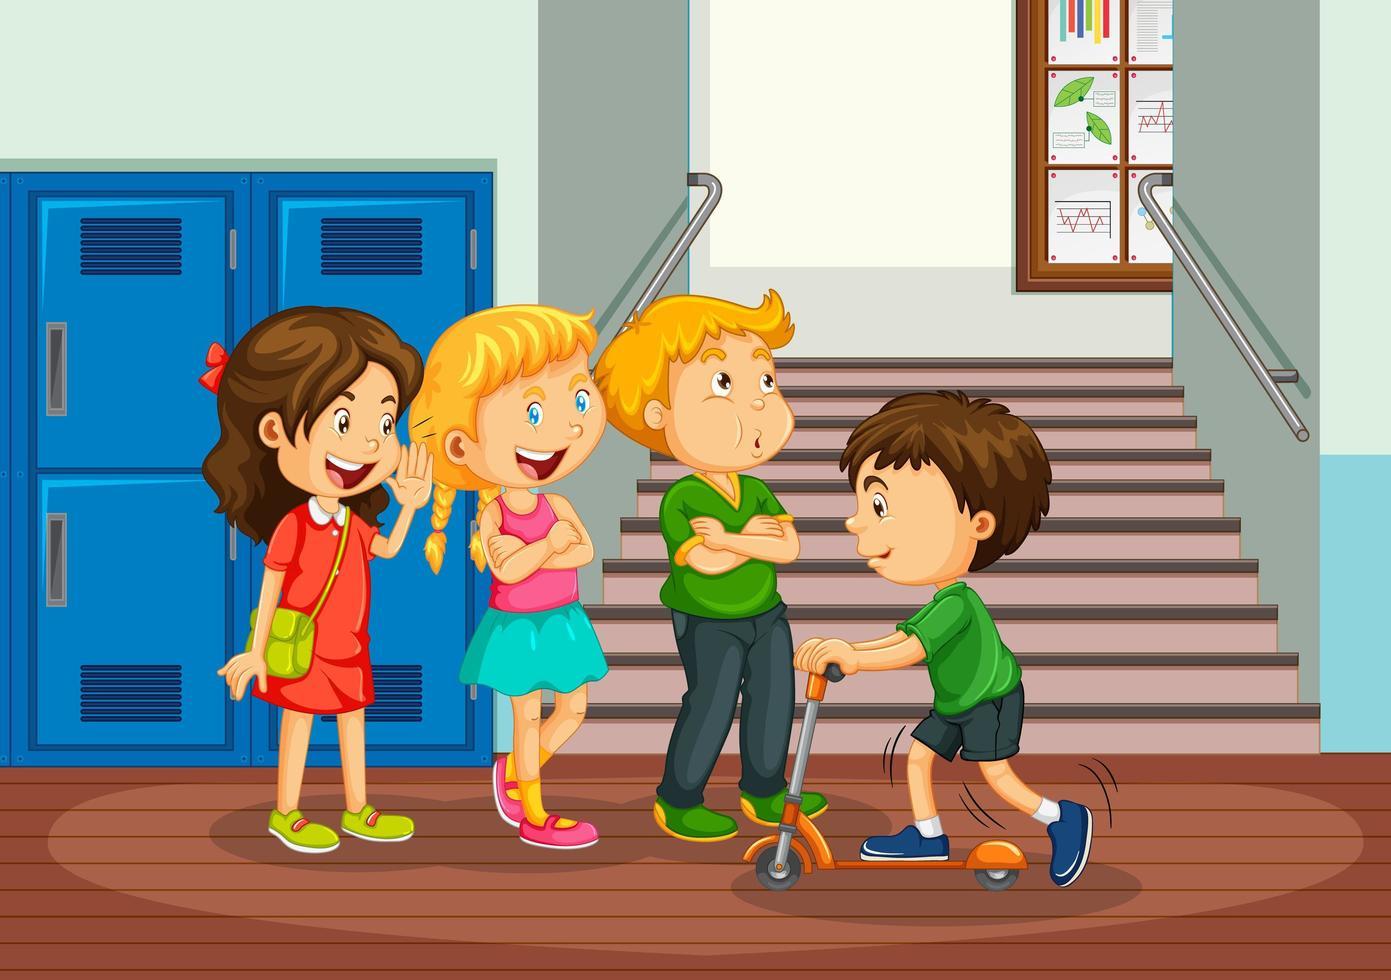 gelukkige kinderen in de gang van de school vector